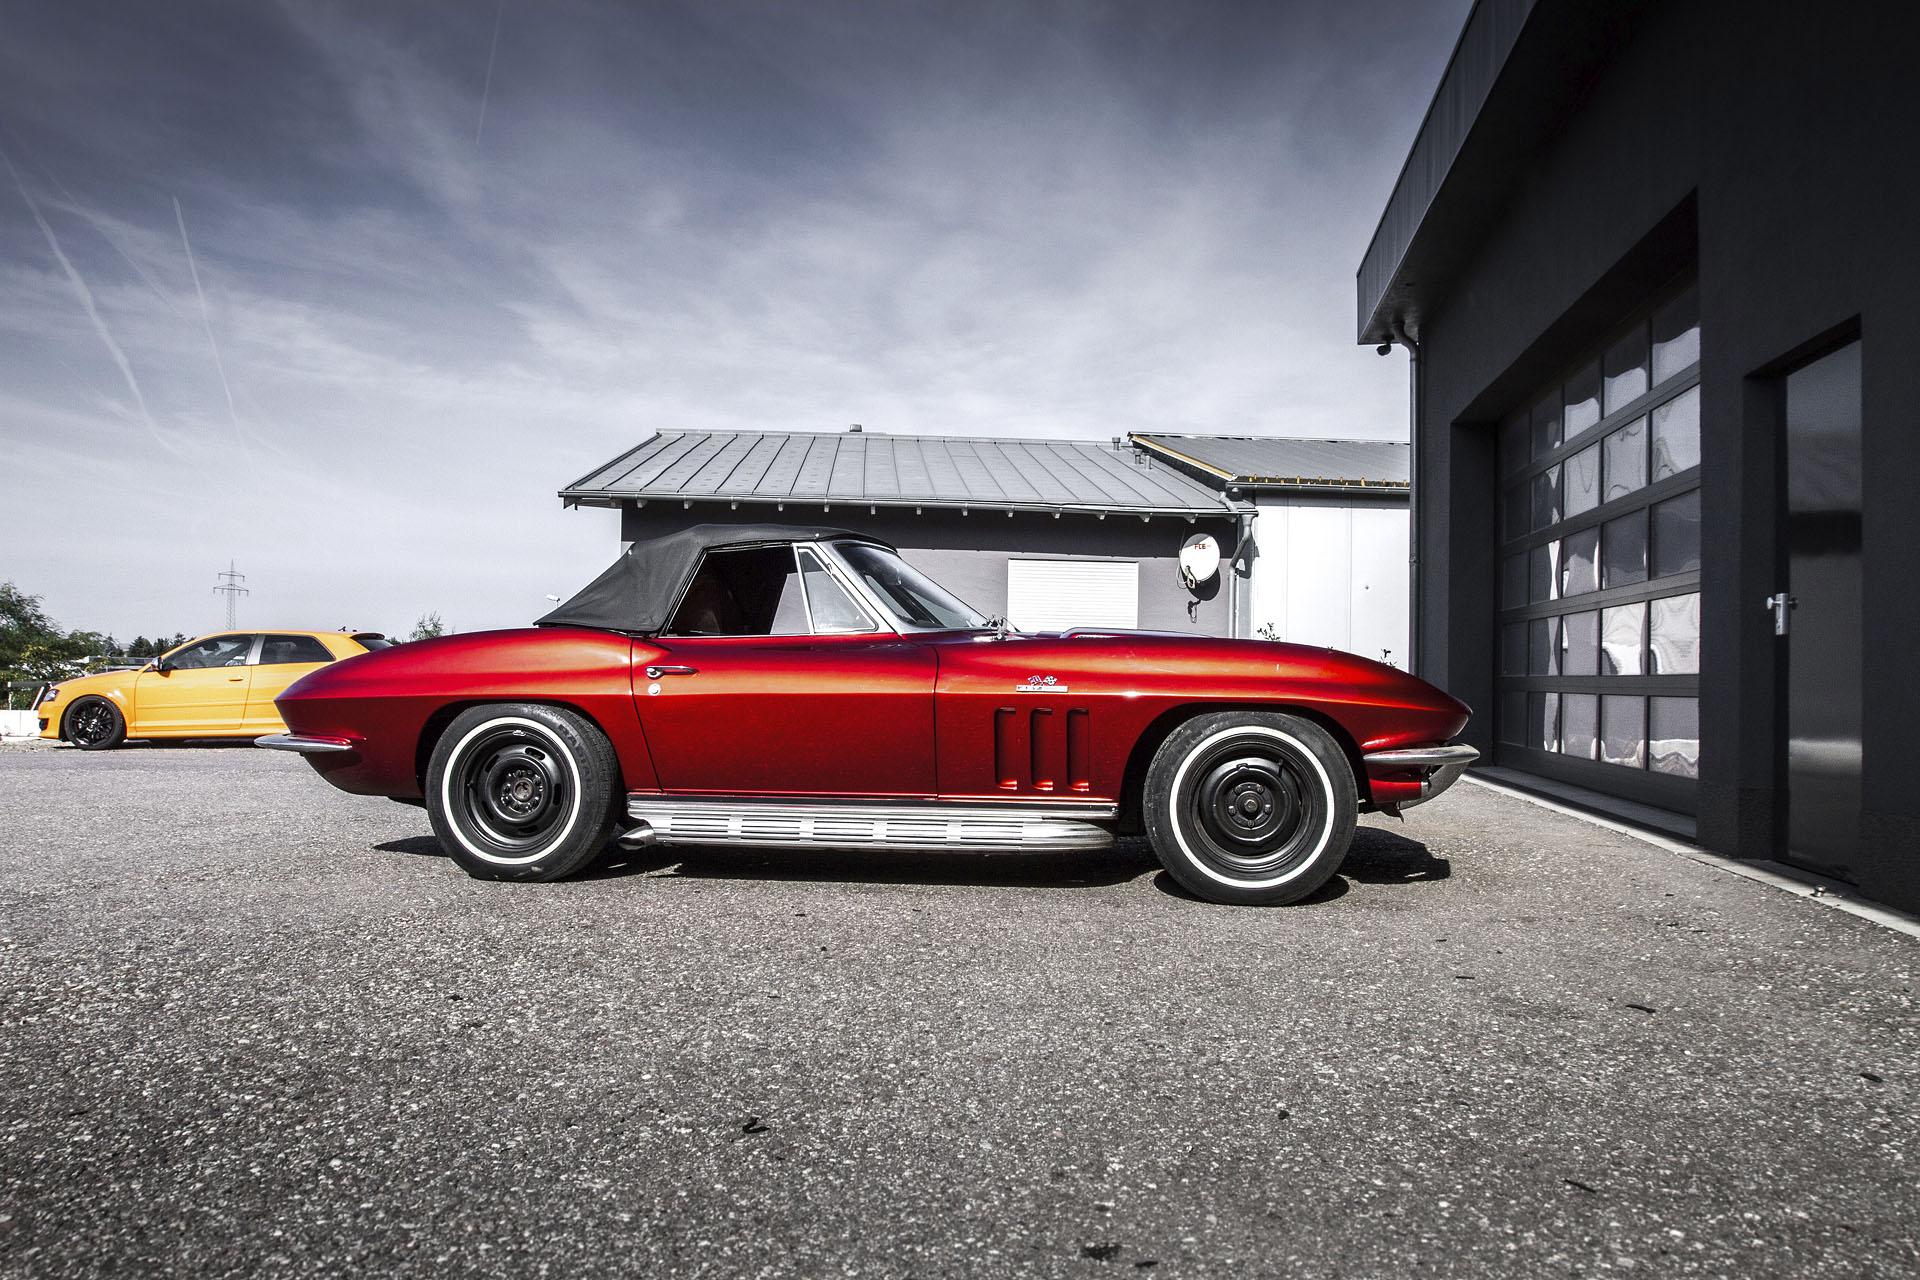 Kelebihan Kekurangan Corvette C2 Spesifikasi